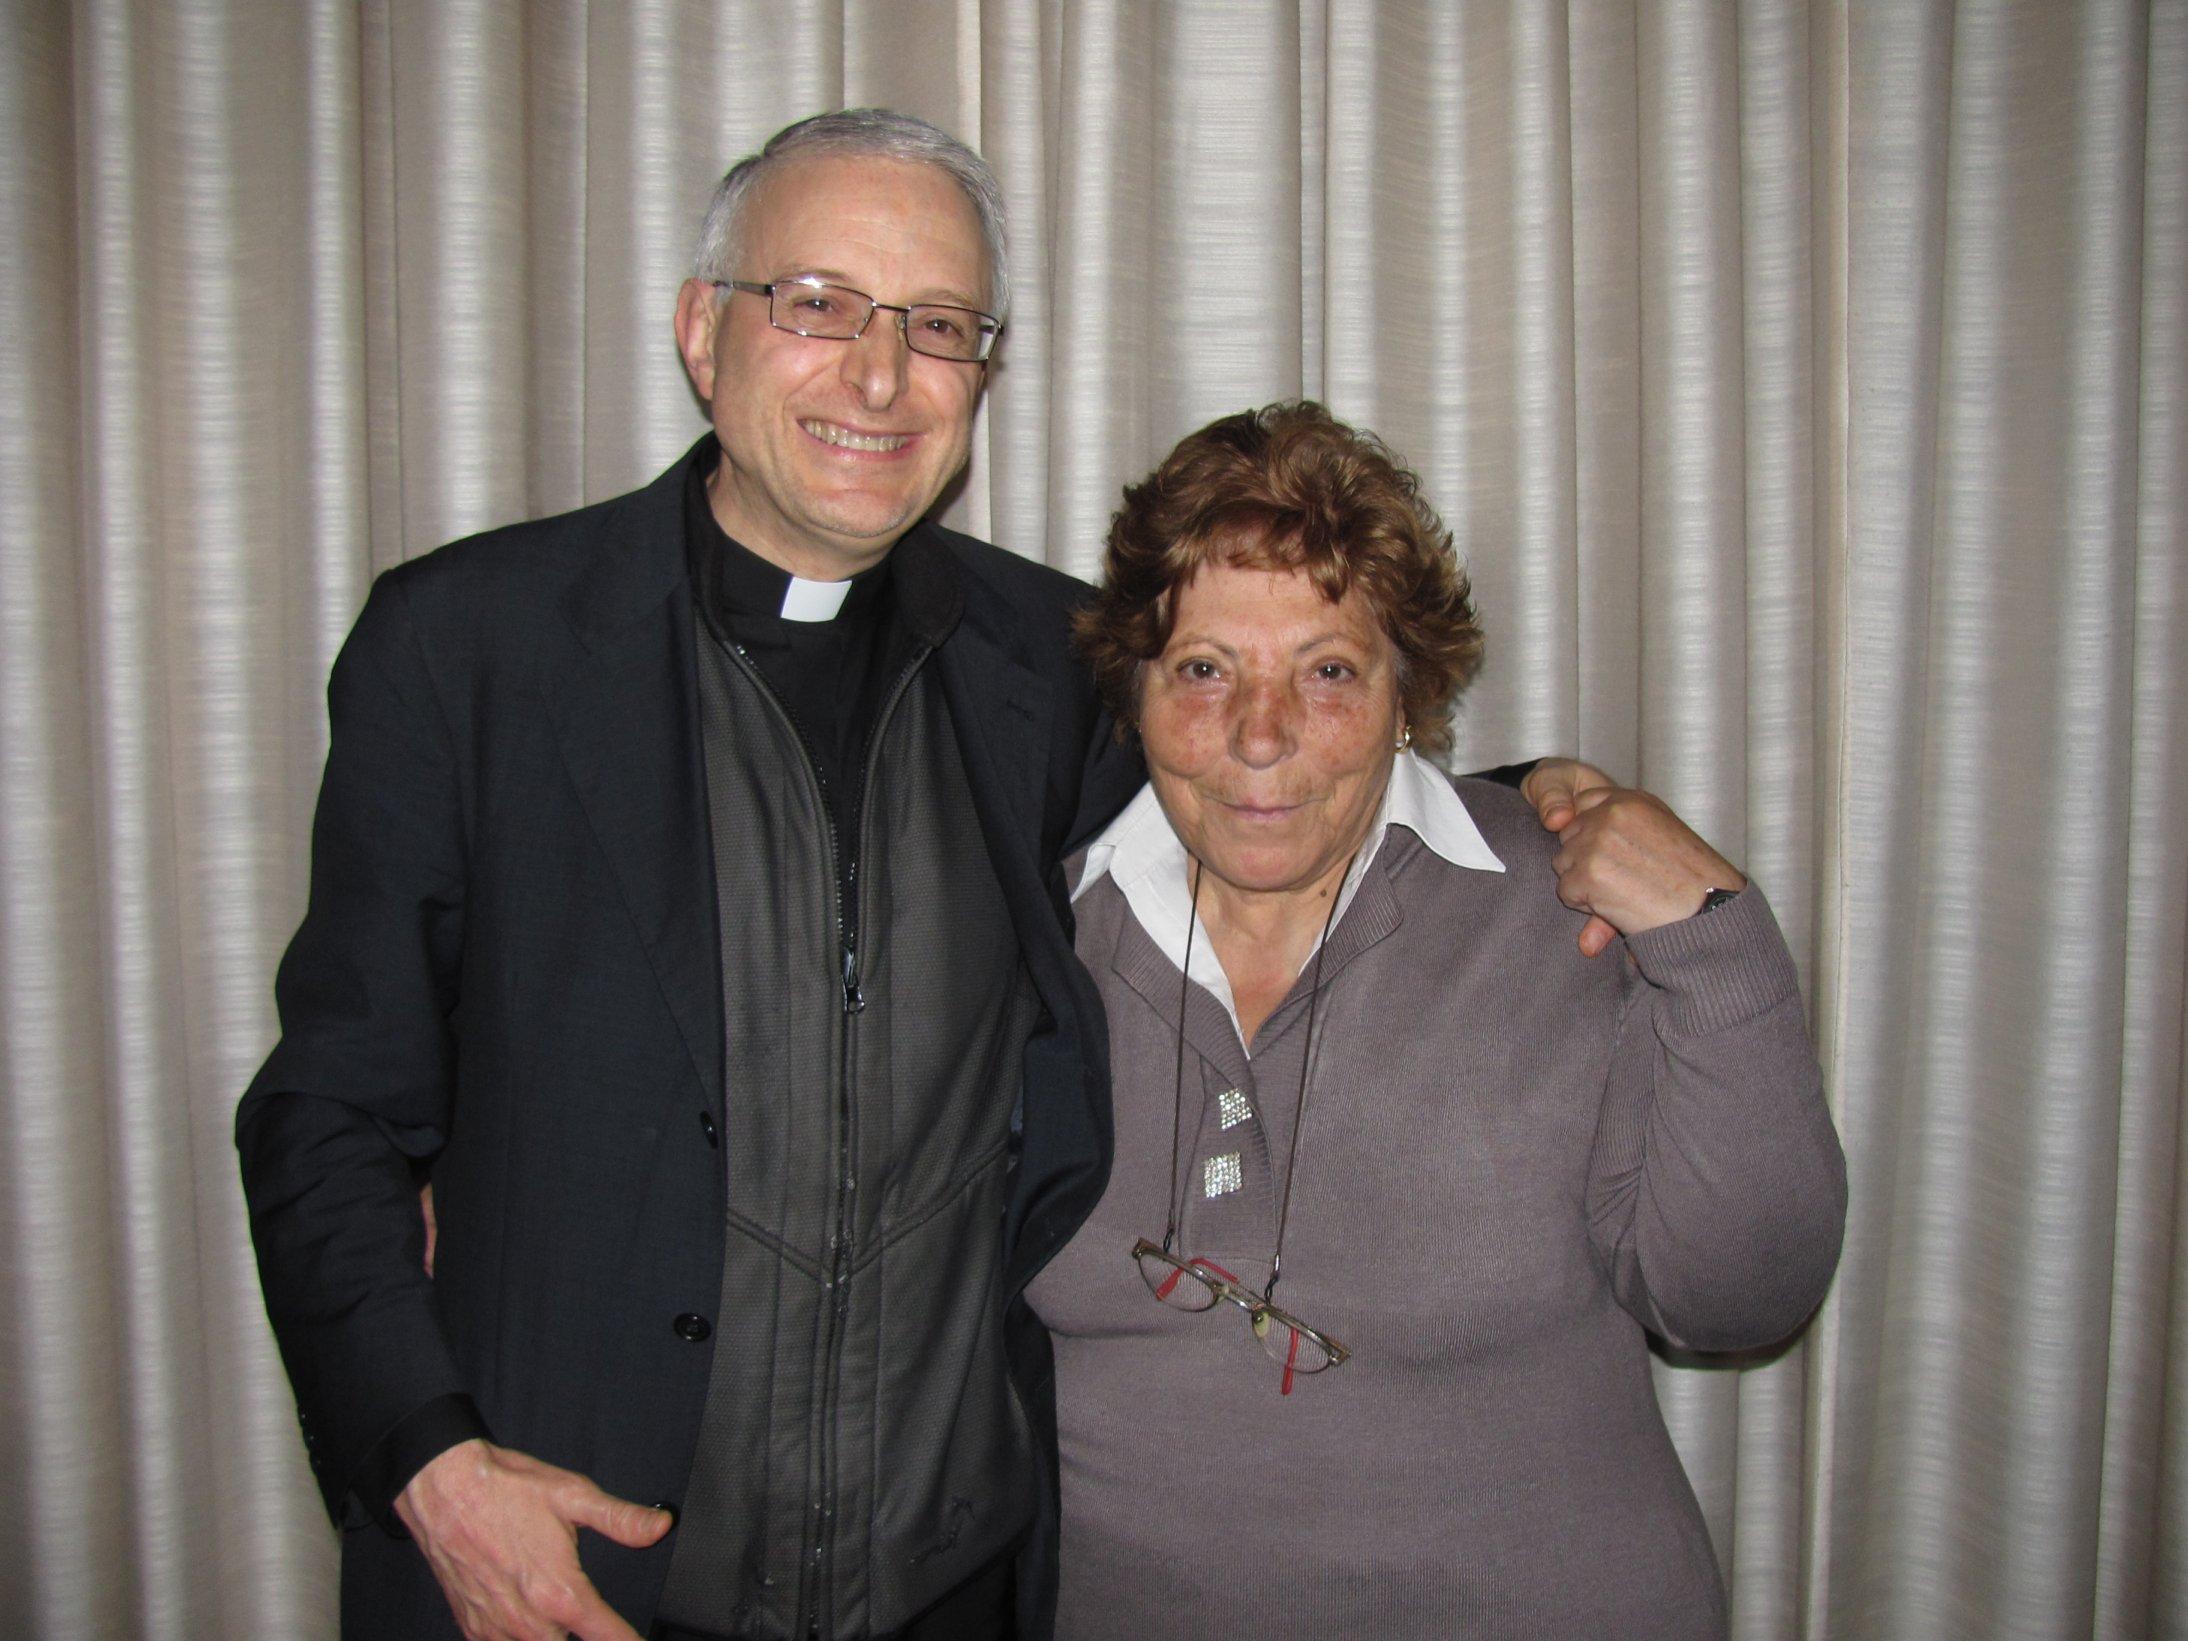 chiusura_anno_catechiste_2013-06-14-20-52-43